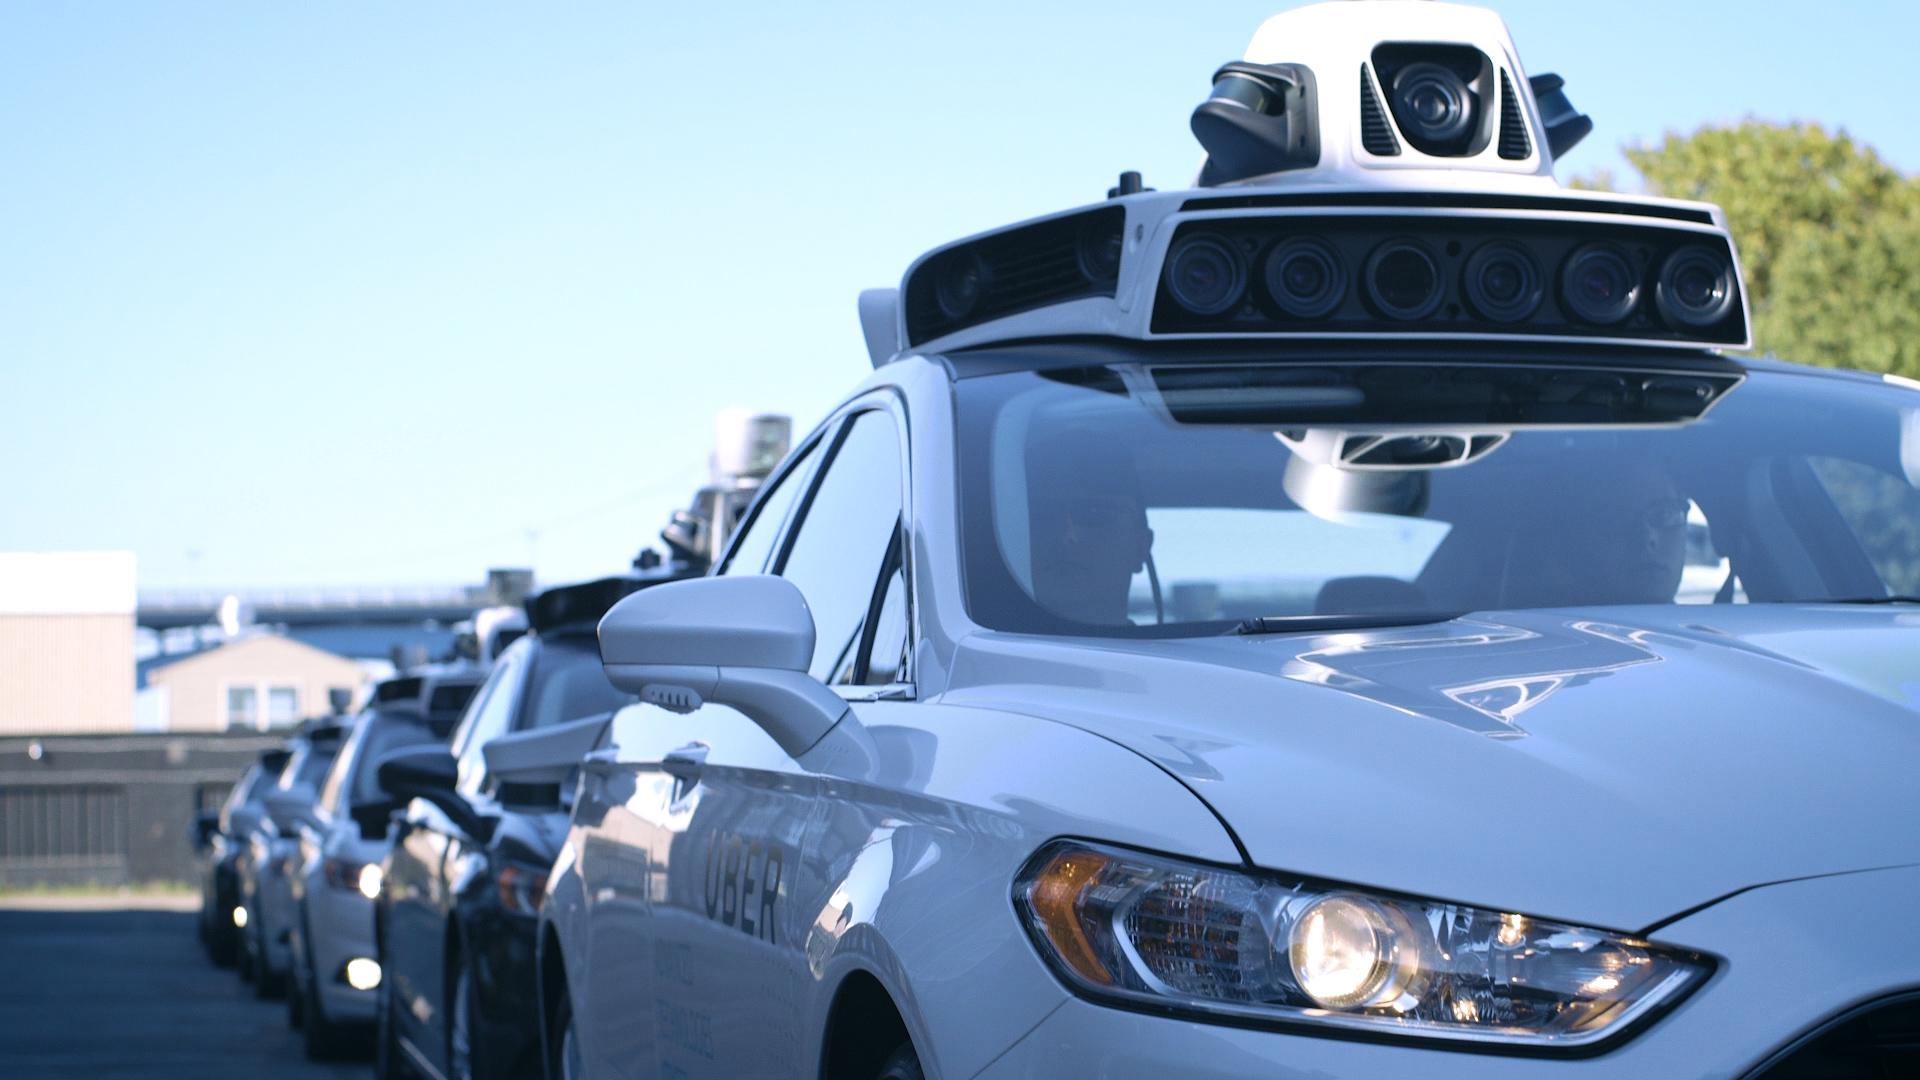 Руководитель программы посозданию самоуправляемых машин Uber покинул компанию